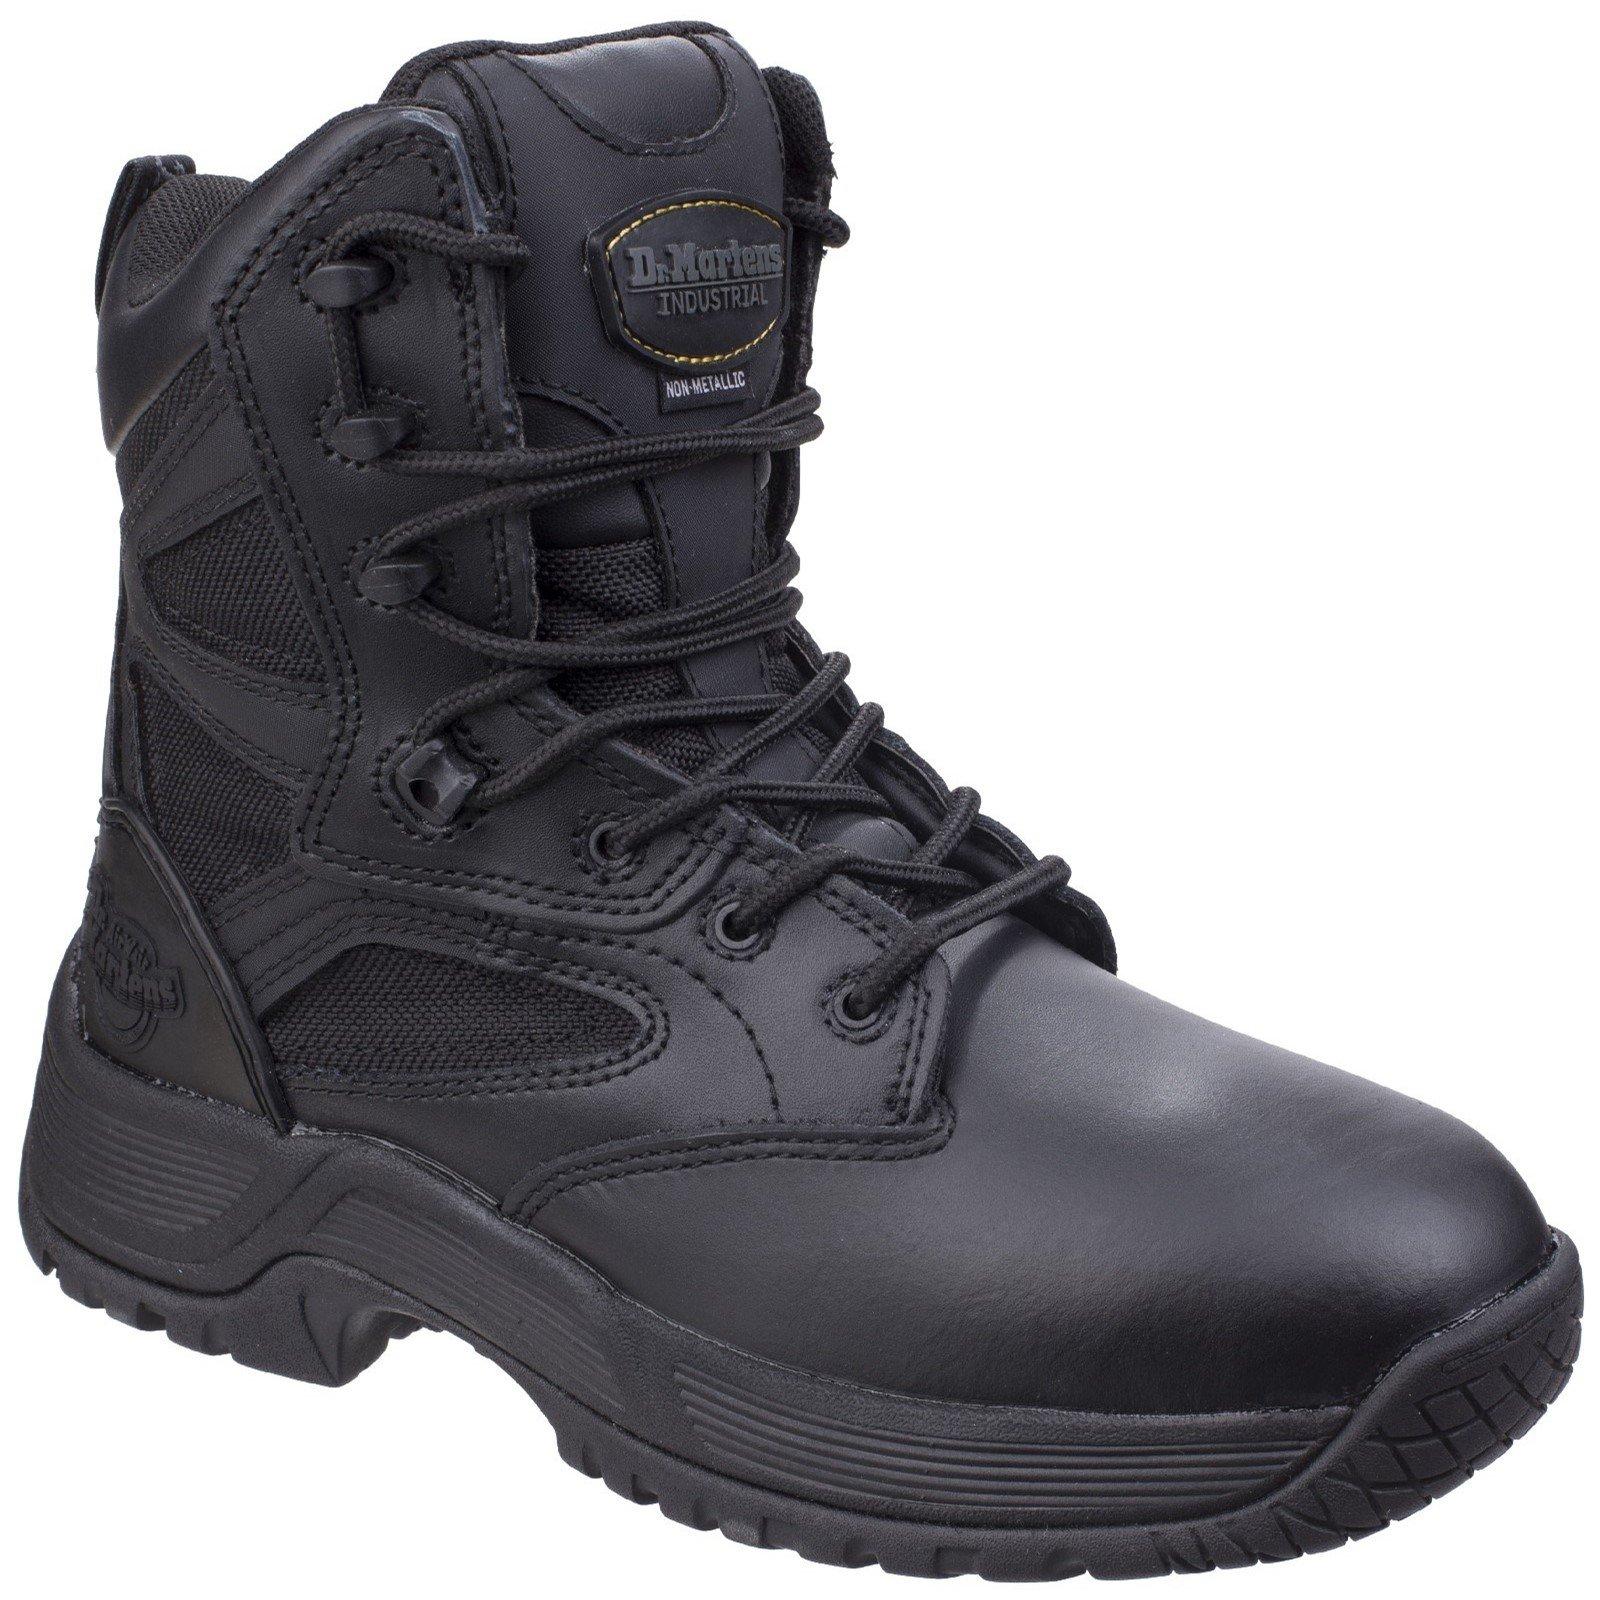 Dr Martens Unisex Skelton Service Boot Black 26028 - Black 4